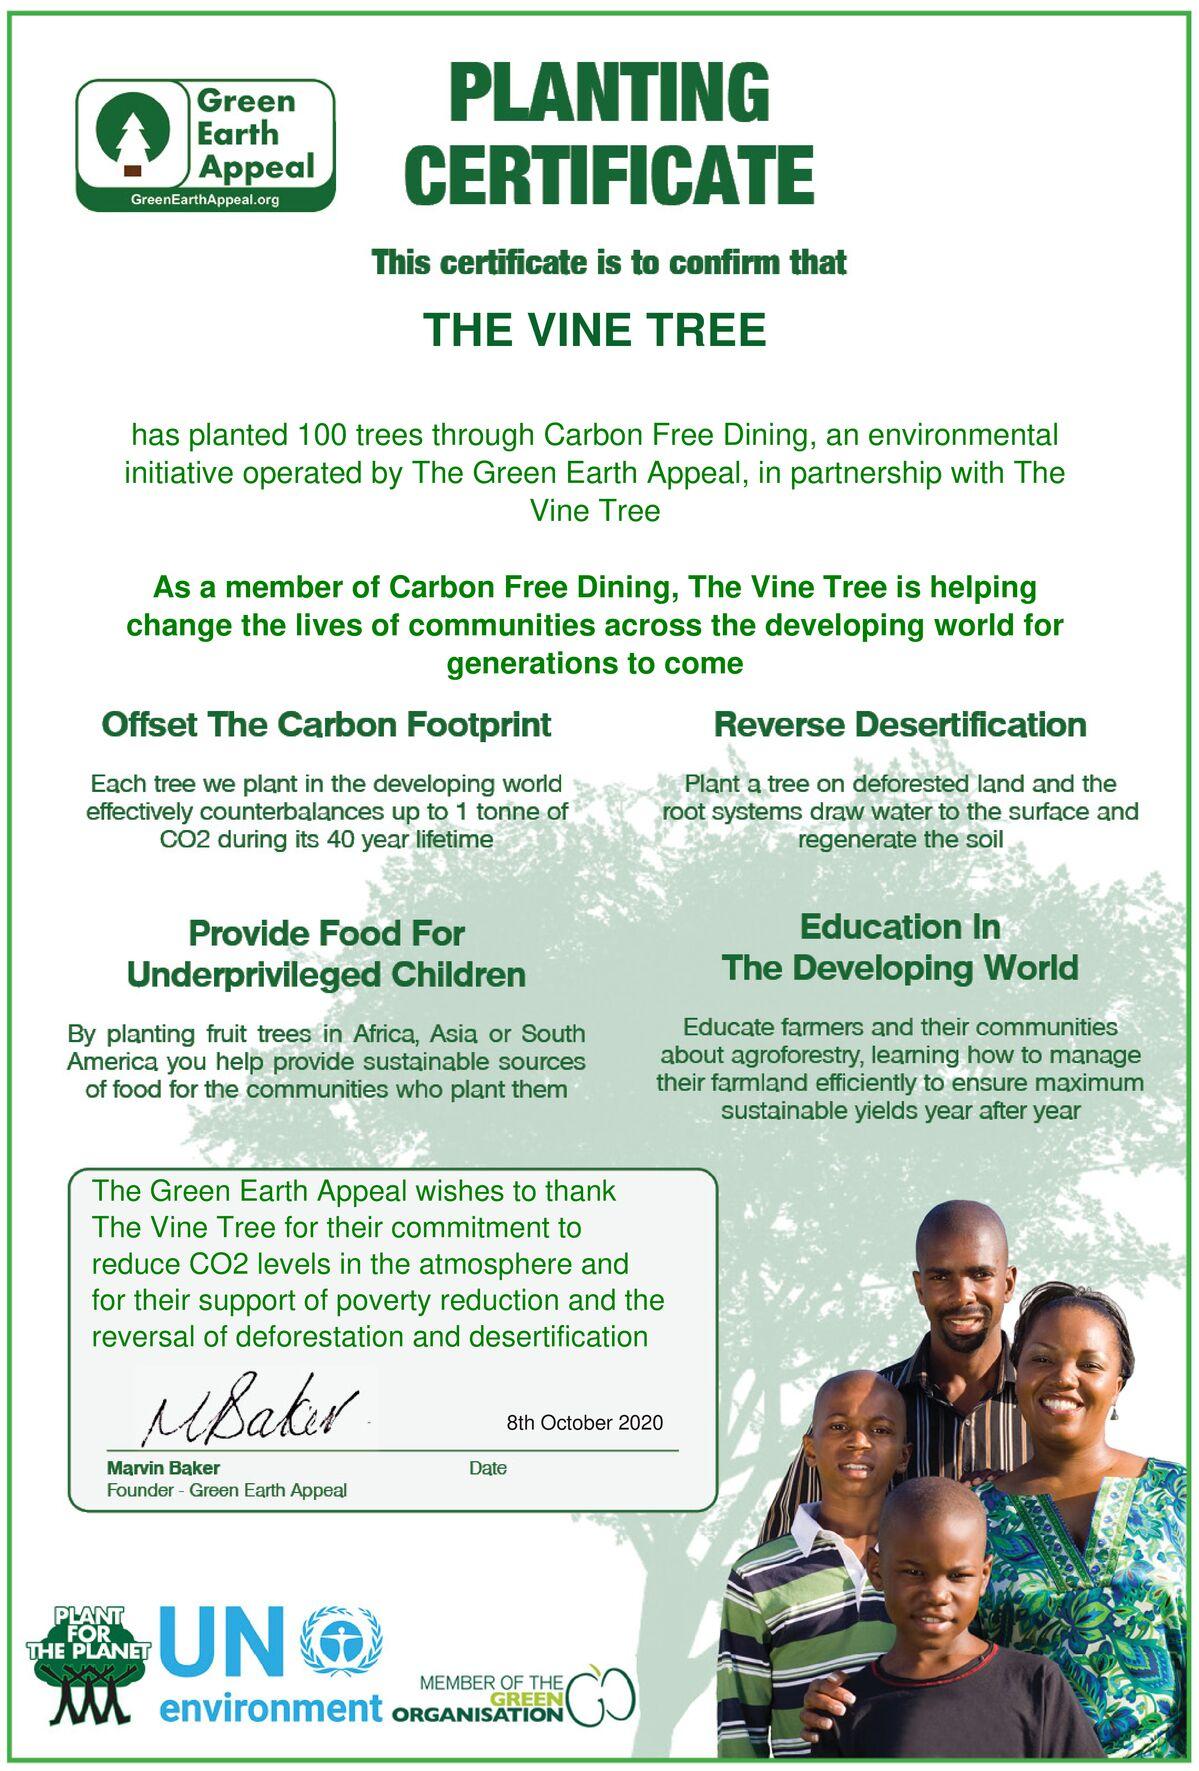 The Vine Tree